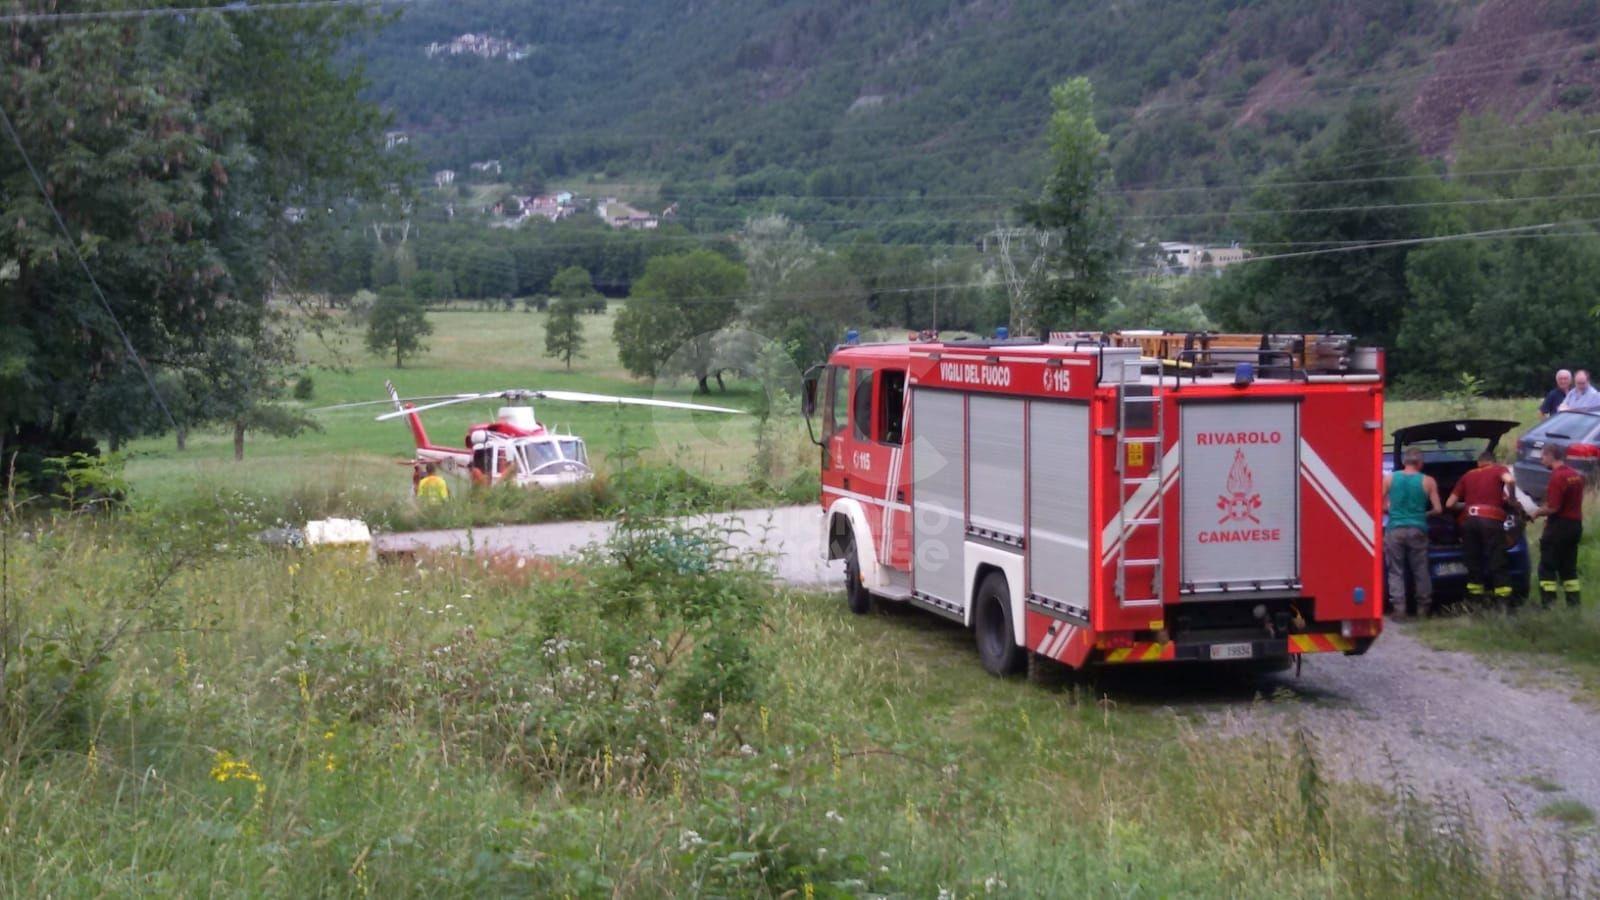 LOCANA - I vigili del fuoco salvano tre mucche rimaste bloccate nella gola del torrente - FOTO